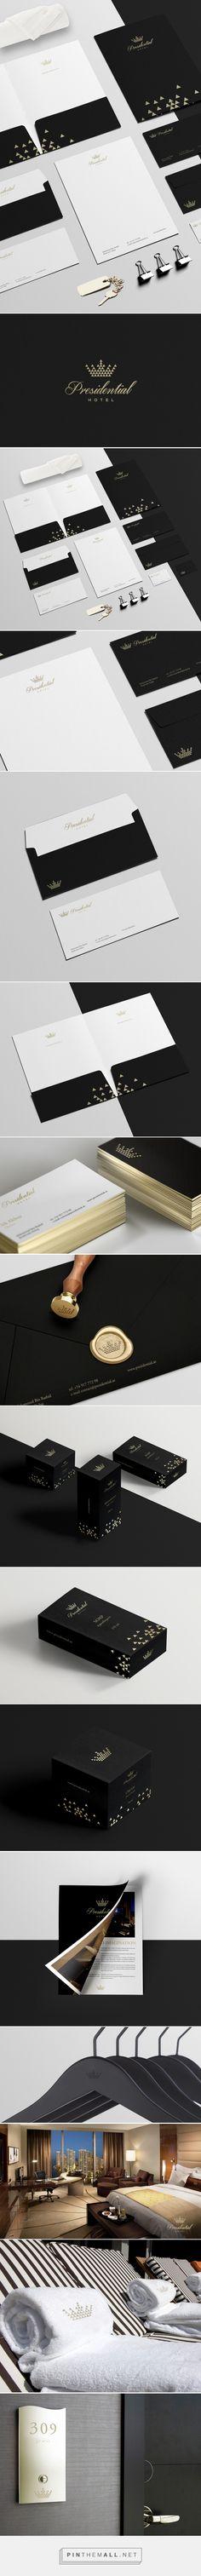 Presidential Hotel on Behance | Fivestar Branding – Design and Branding Agency & Inspiration Gallery